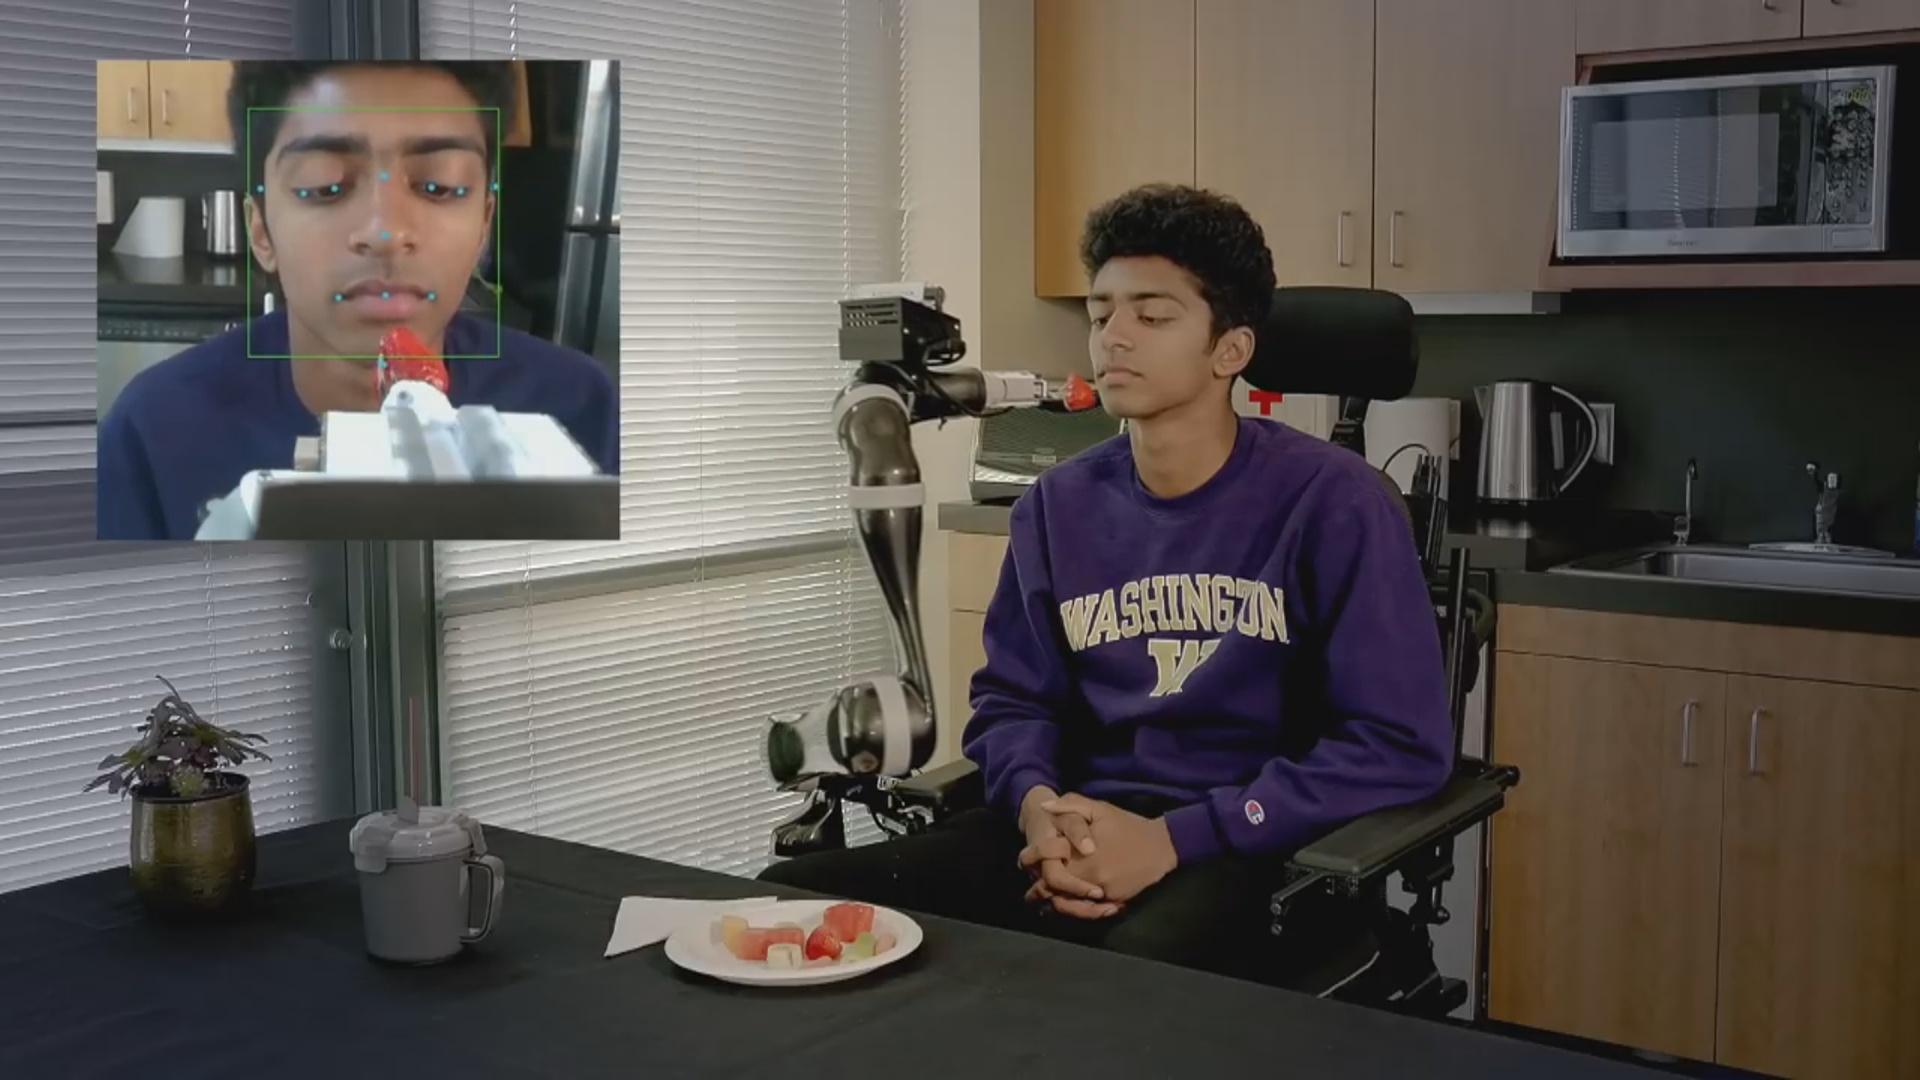 Robot-manipulyator əllərini hərəkət etdirə bilməyən insanları yedirir